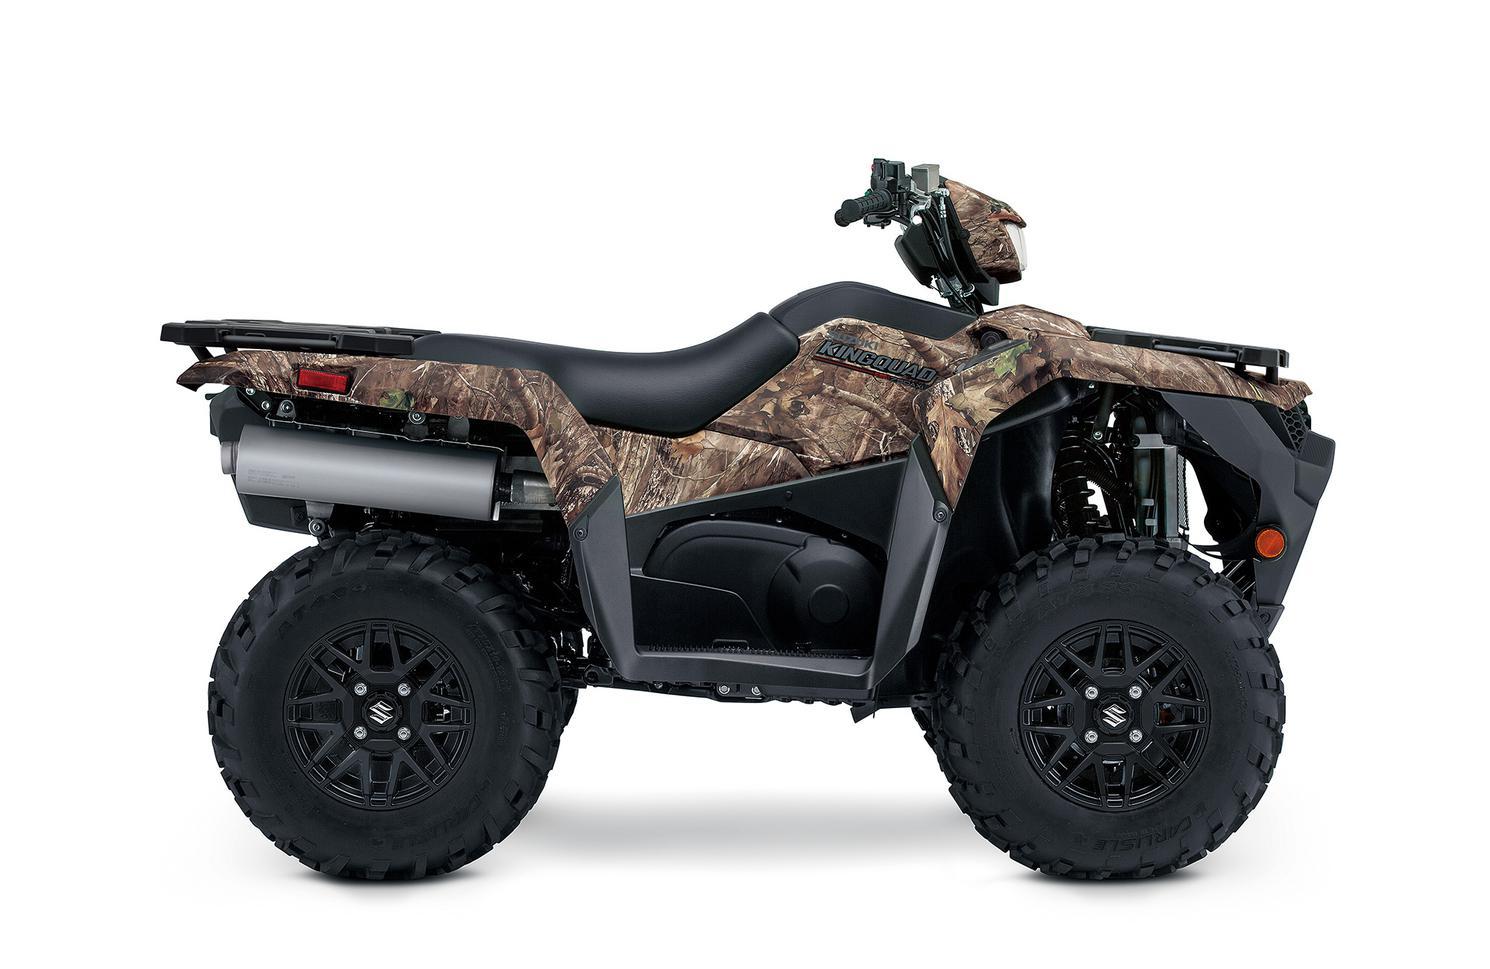 Suzuki King Quad 750 avec direction assistée 2022 - Camouflage